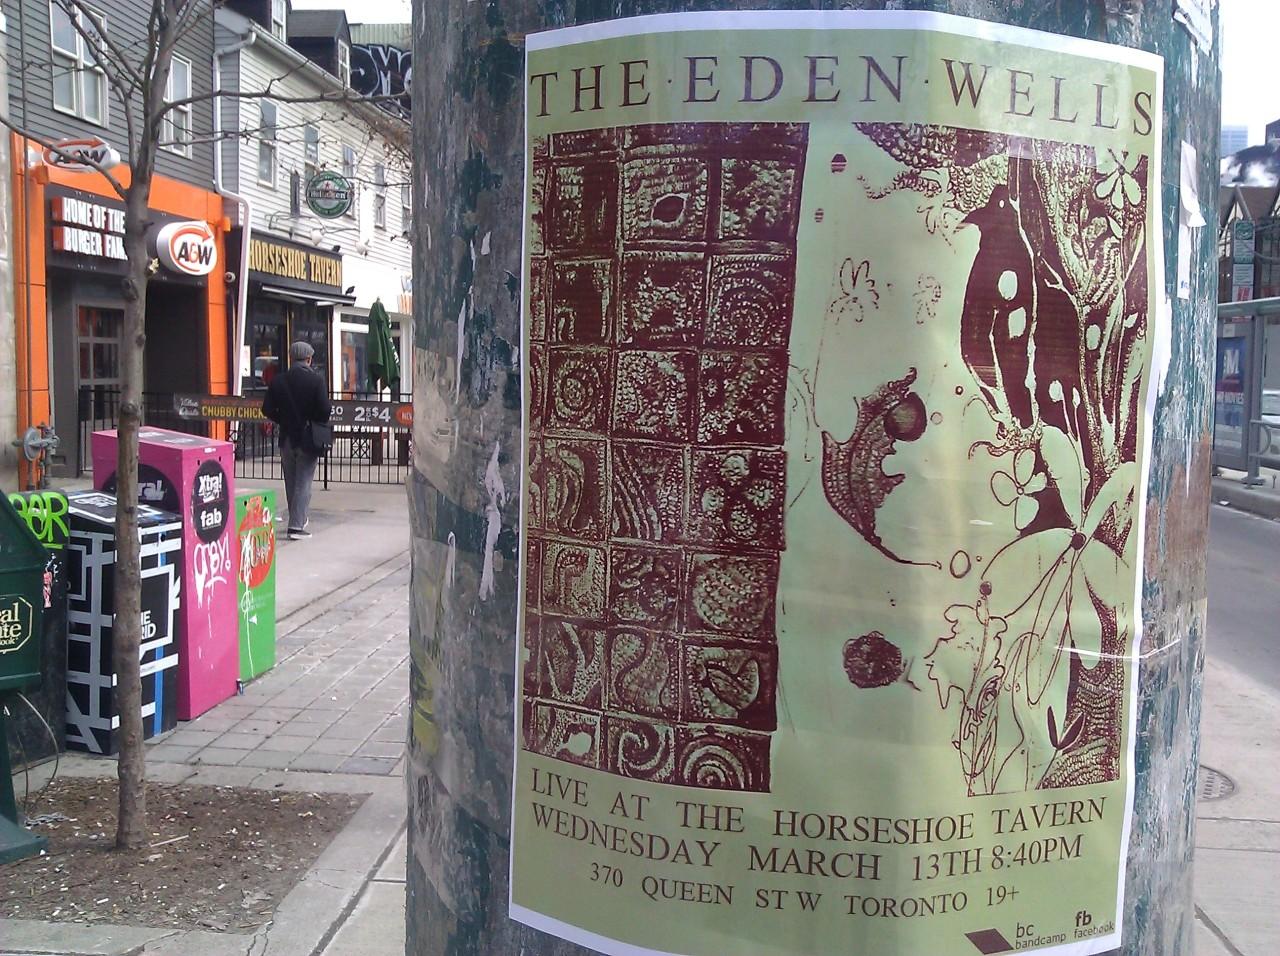 The Eden Wells